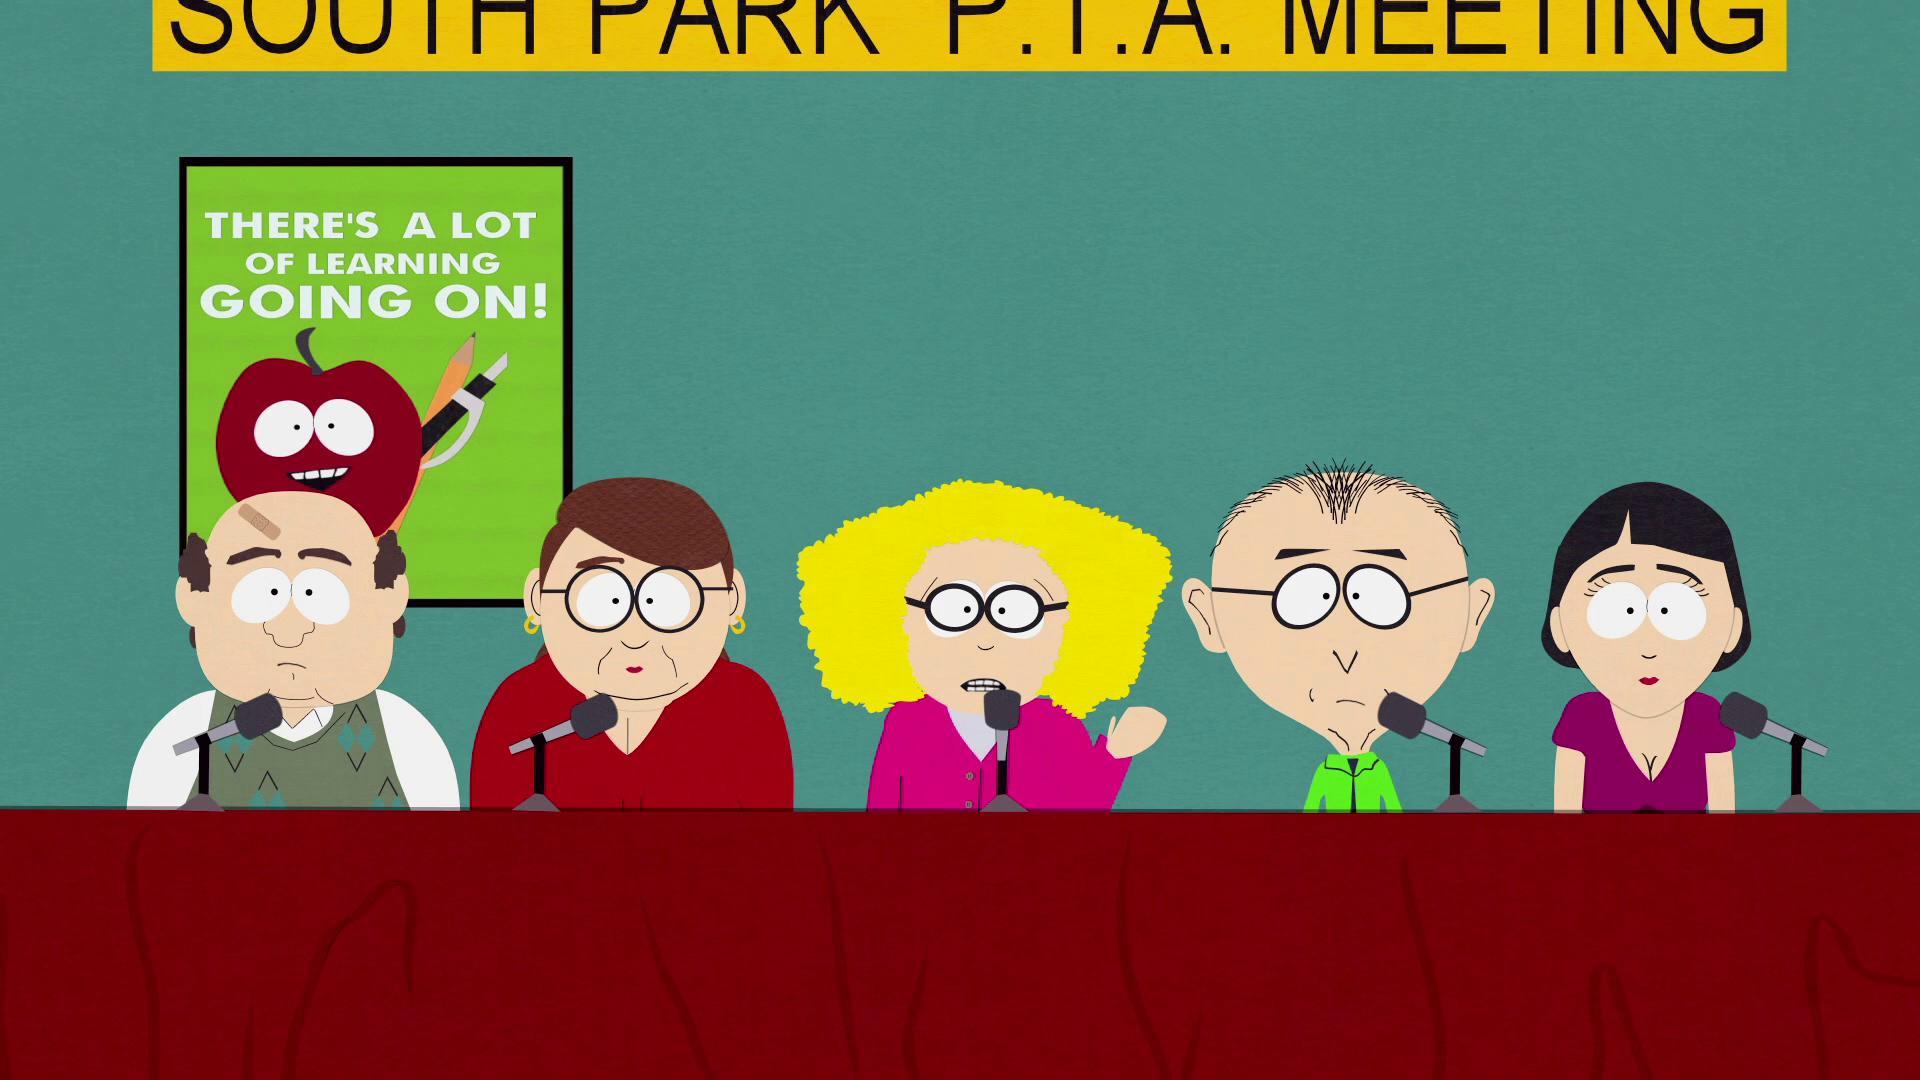 South park сексуальное просвещение